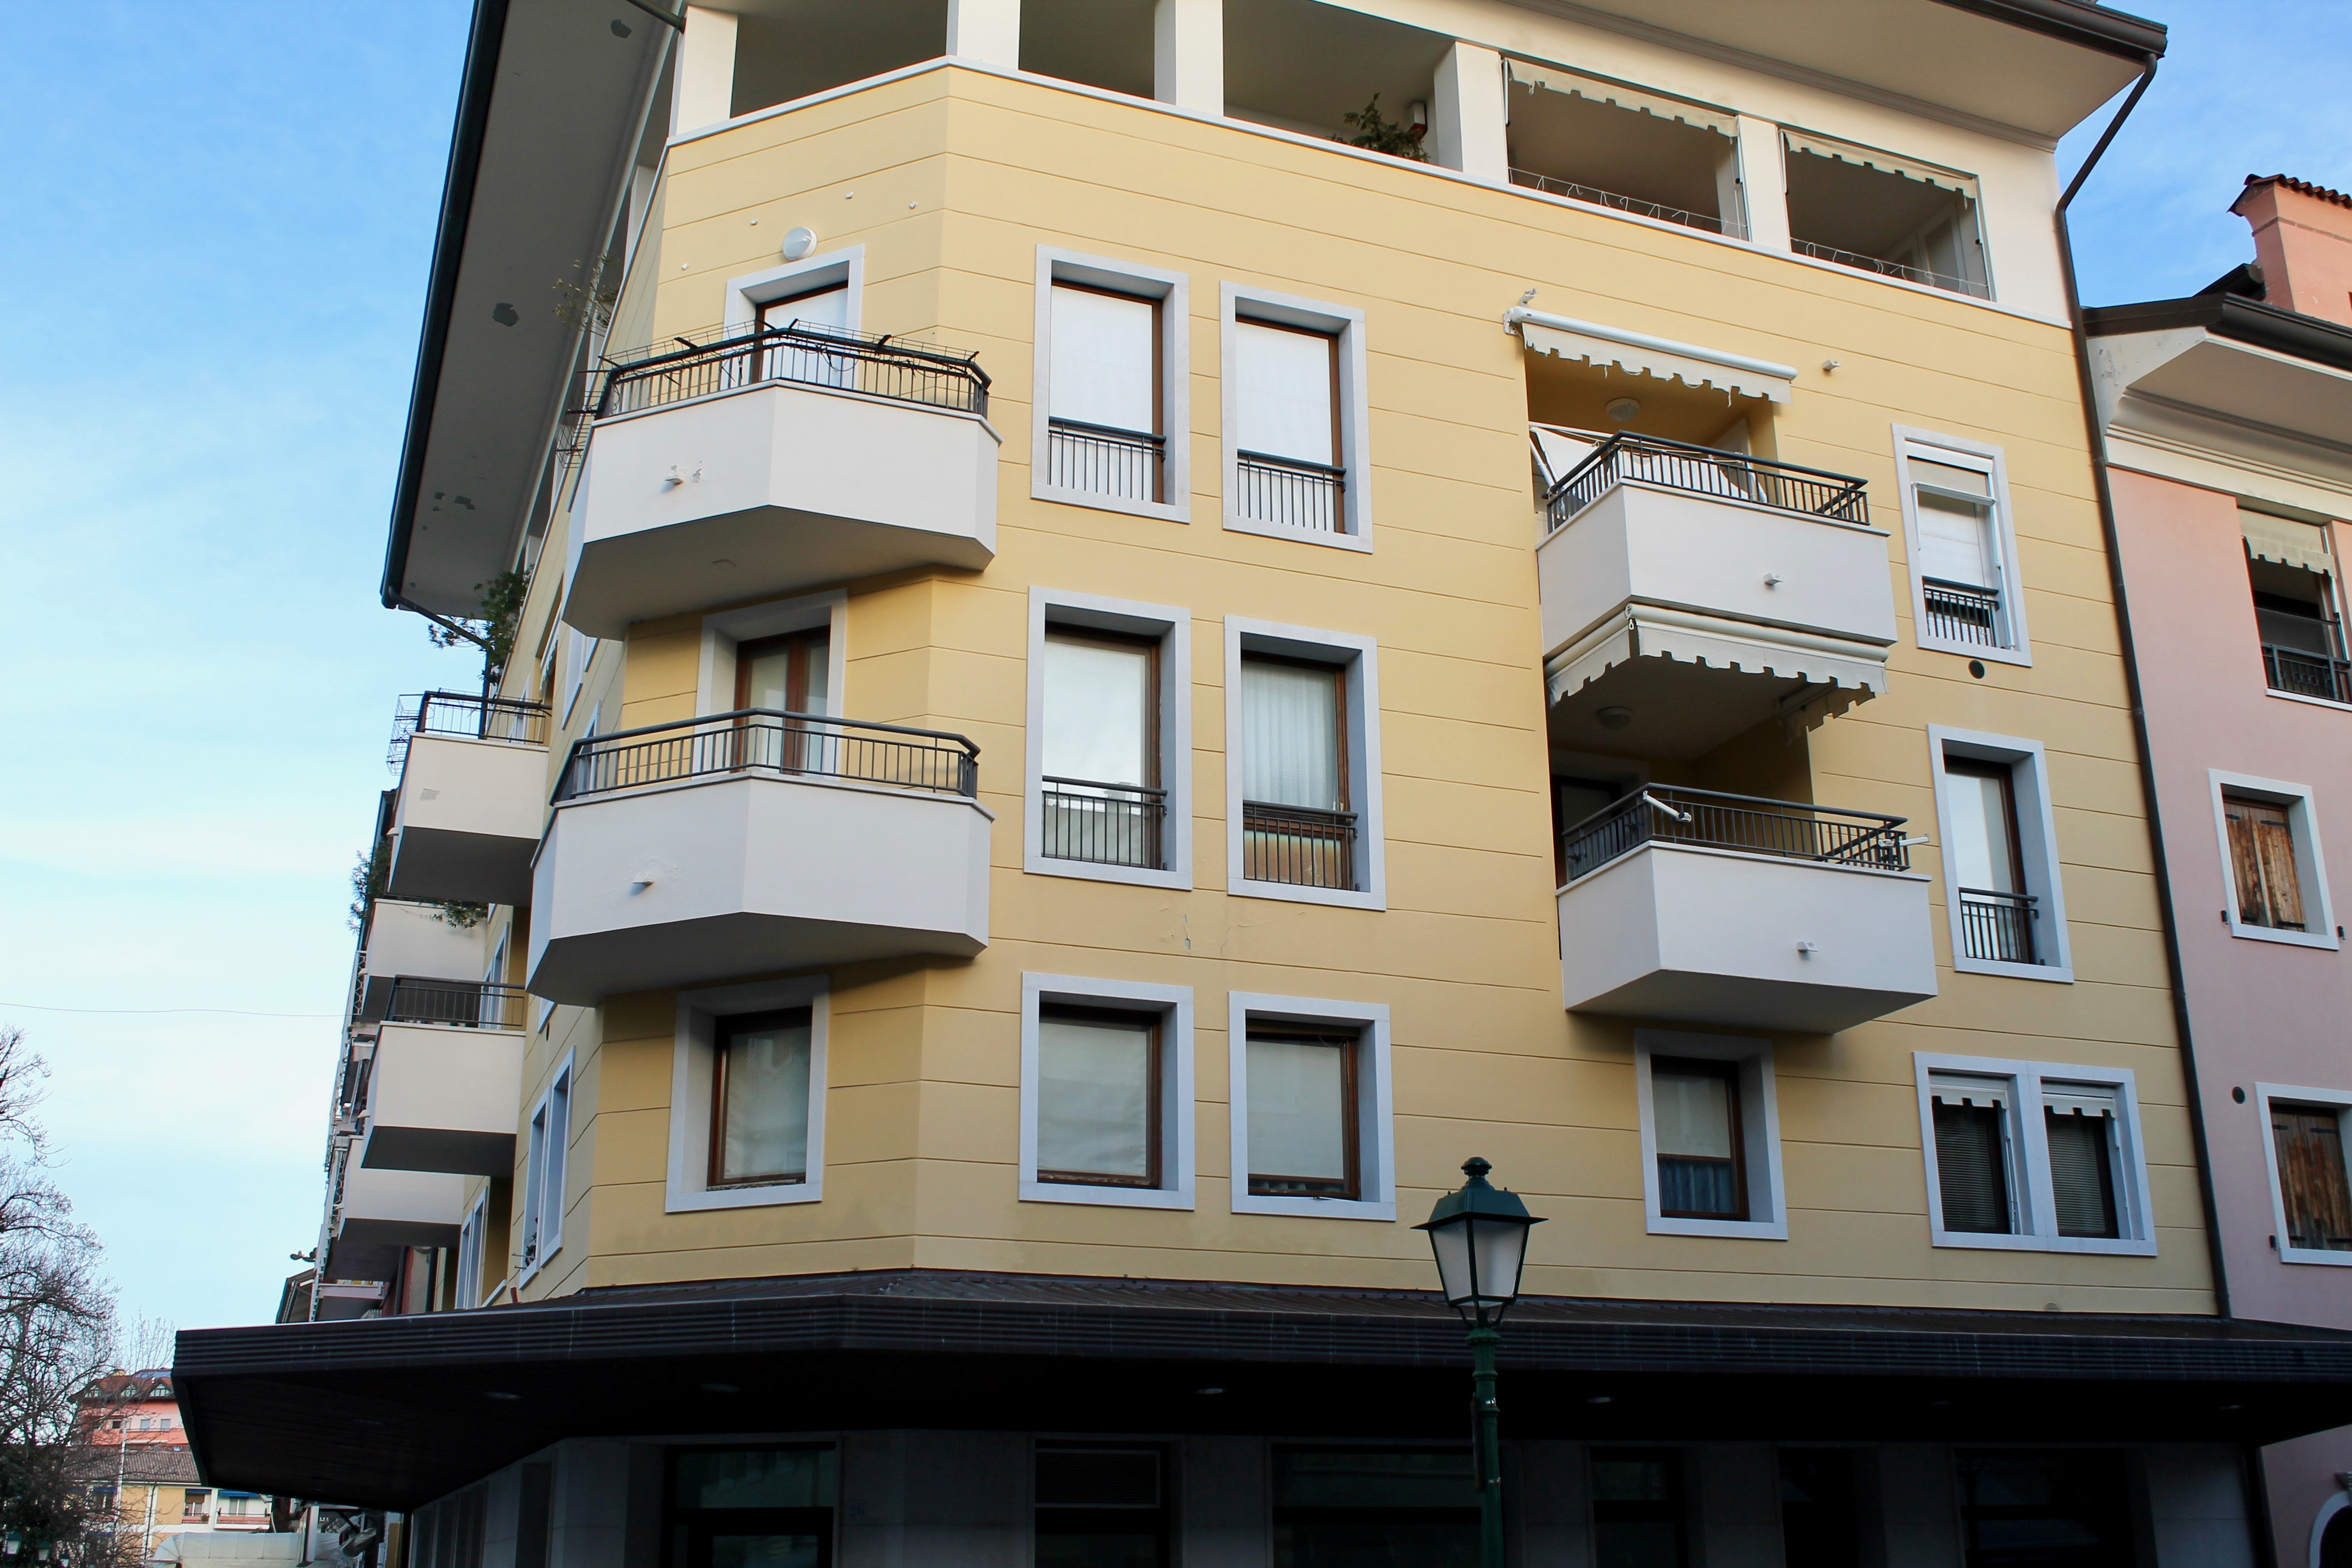 Rif. AT1719 - Appartamento in Vendita a Grado